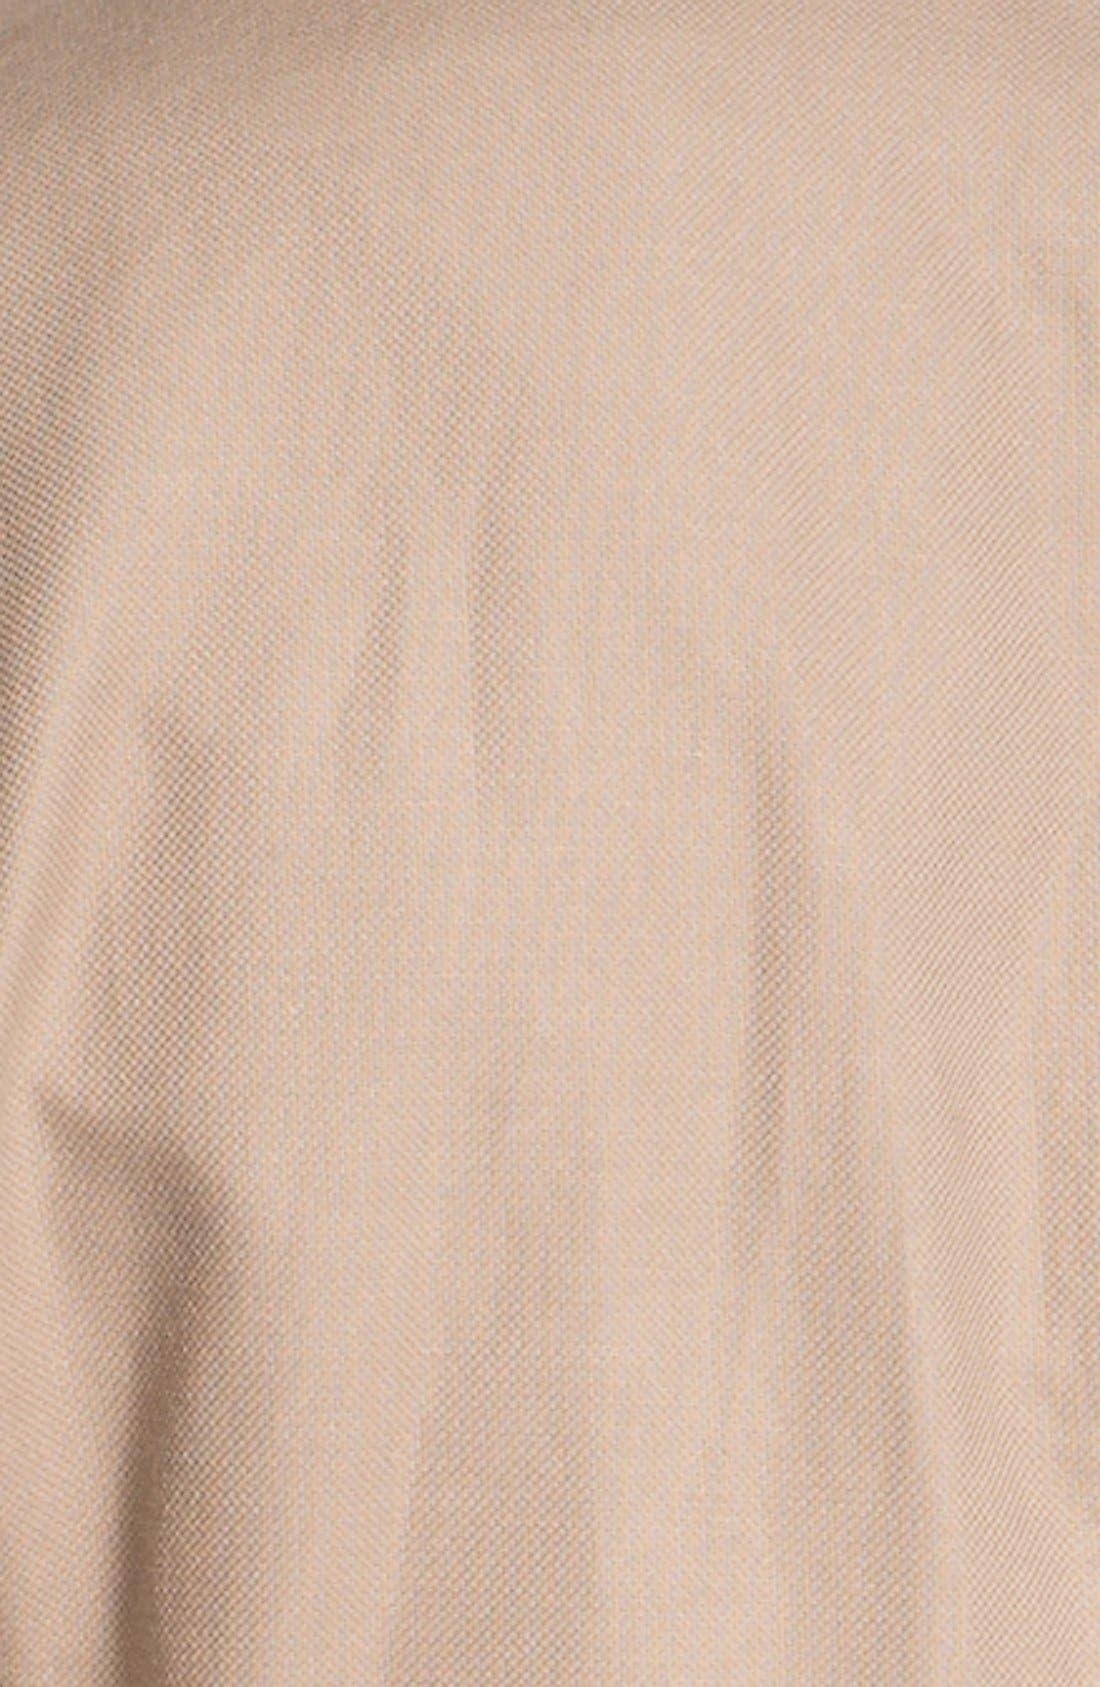 Alternate Image 3  - BOSS HUGO BOSS 'Maldon' Linen Blend Sportcoat